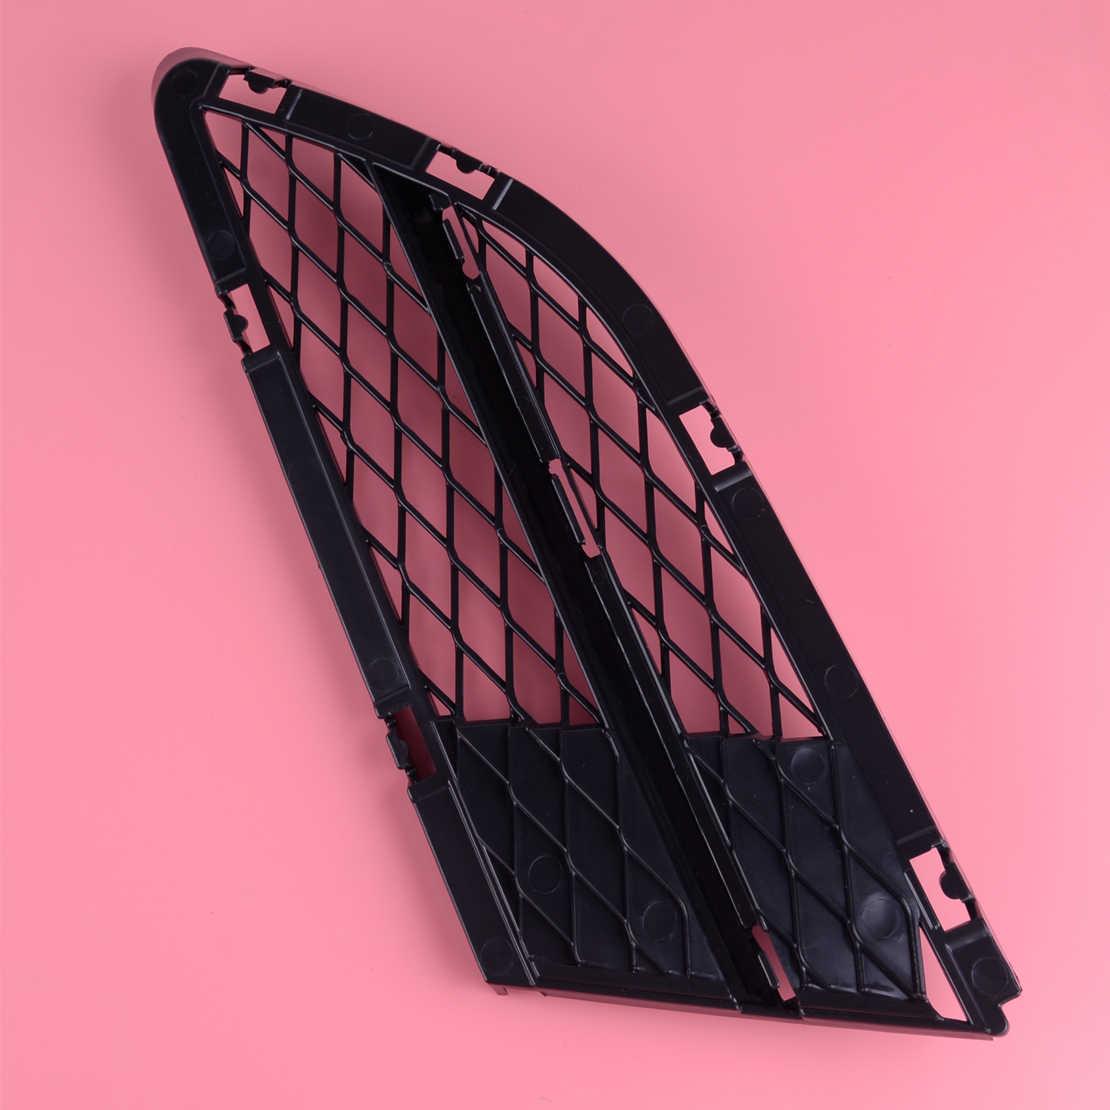 DWCX Пластиковый черный правый бампер накладка на Противотуманные фары сетка крышка сетка подходит для BMW 3 SER E90 LCI E91 325i 328i 335i 2009 2010 2011 2012